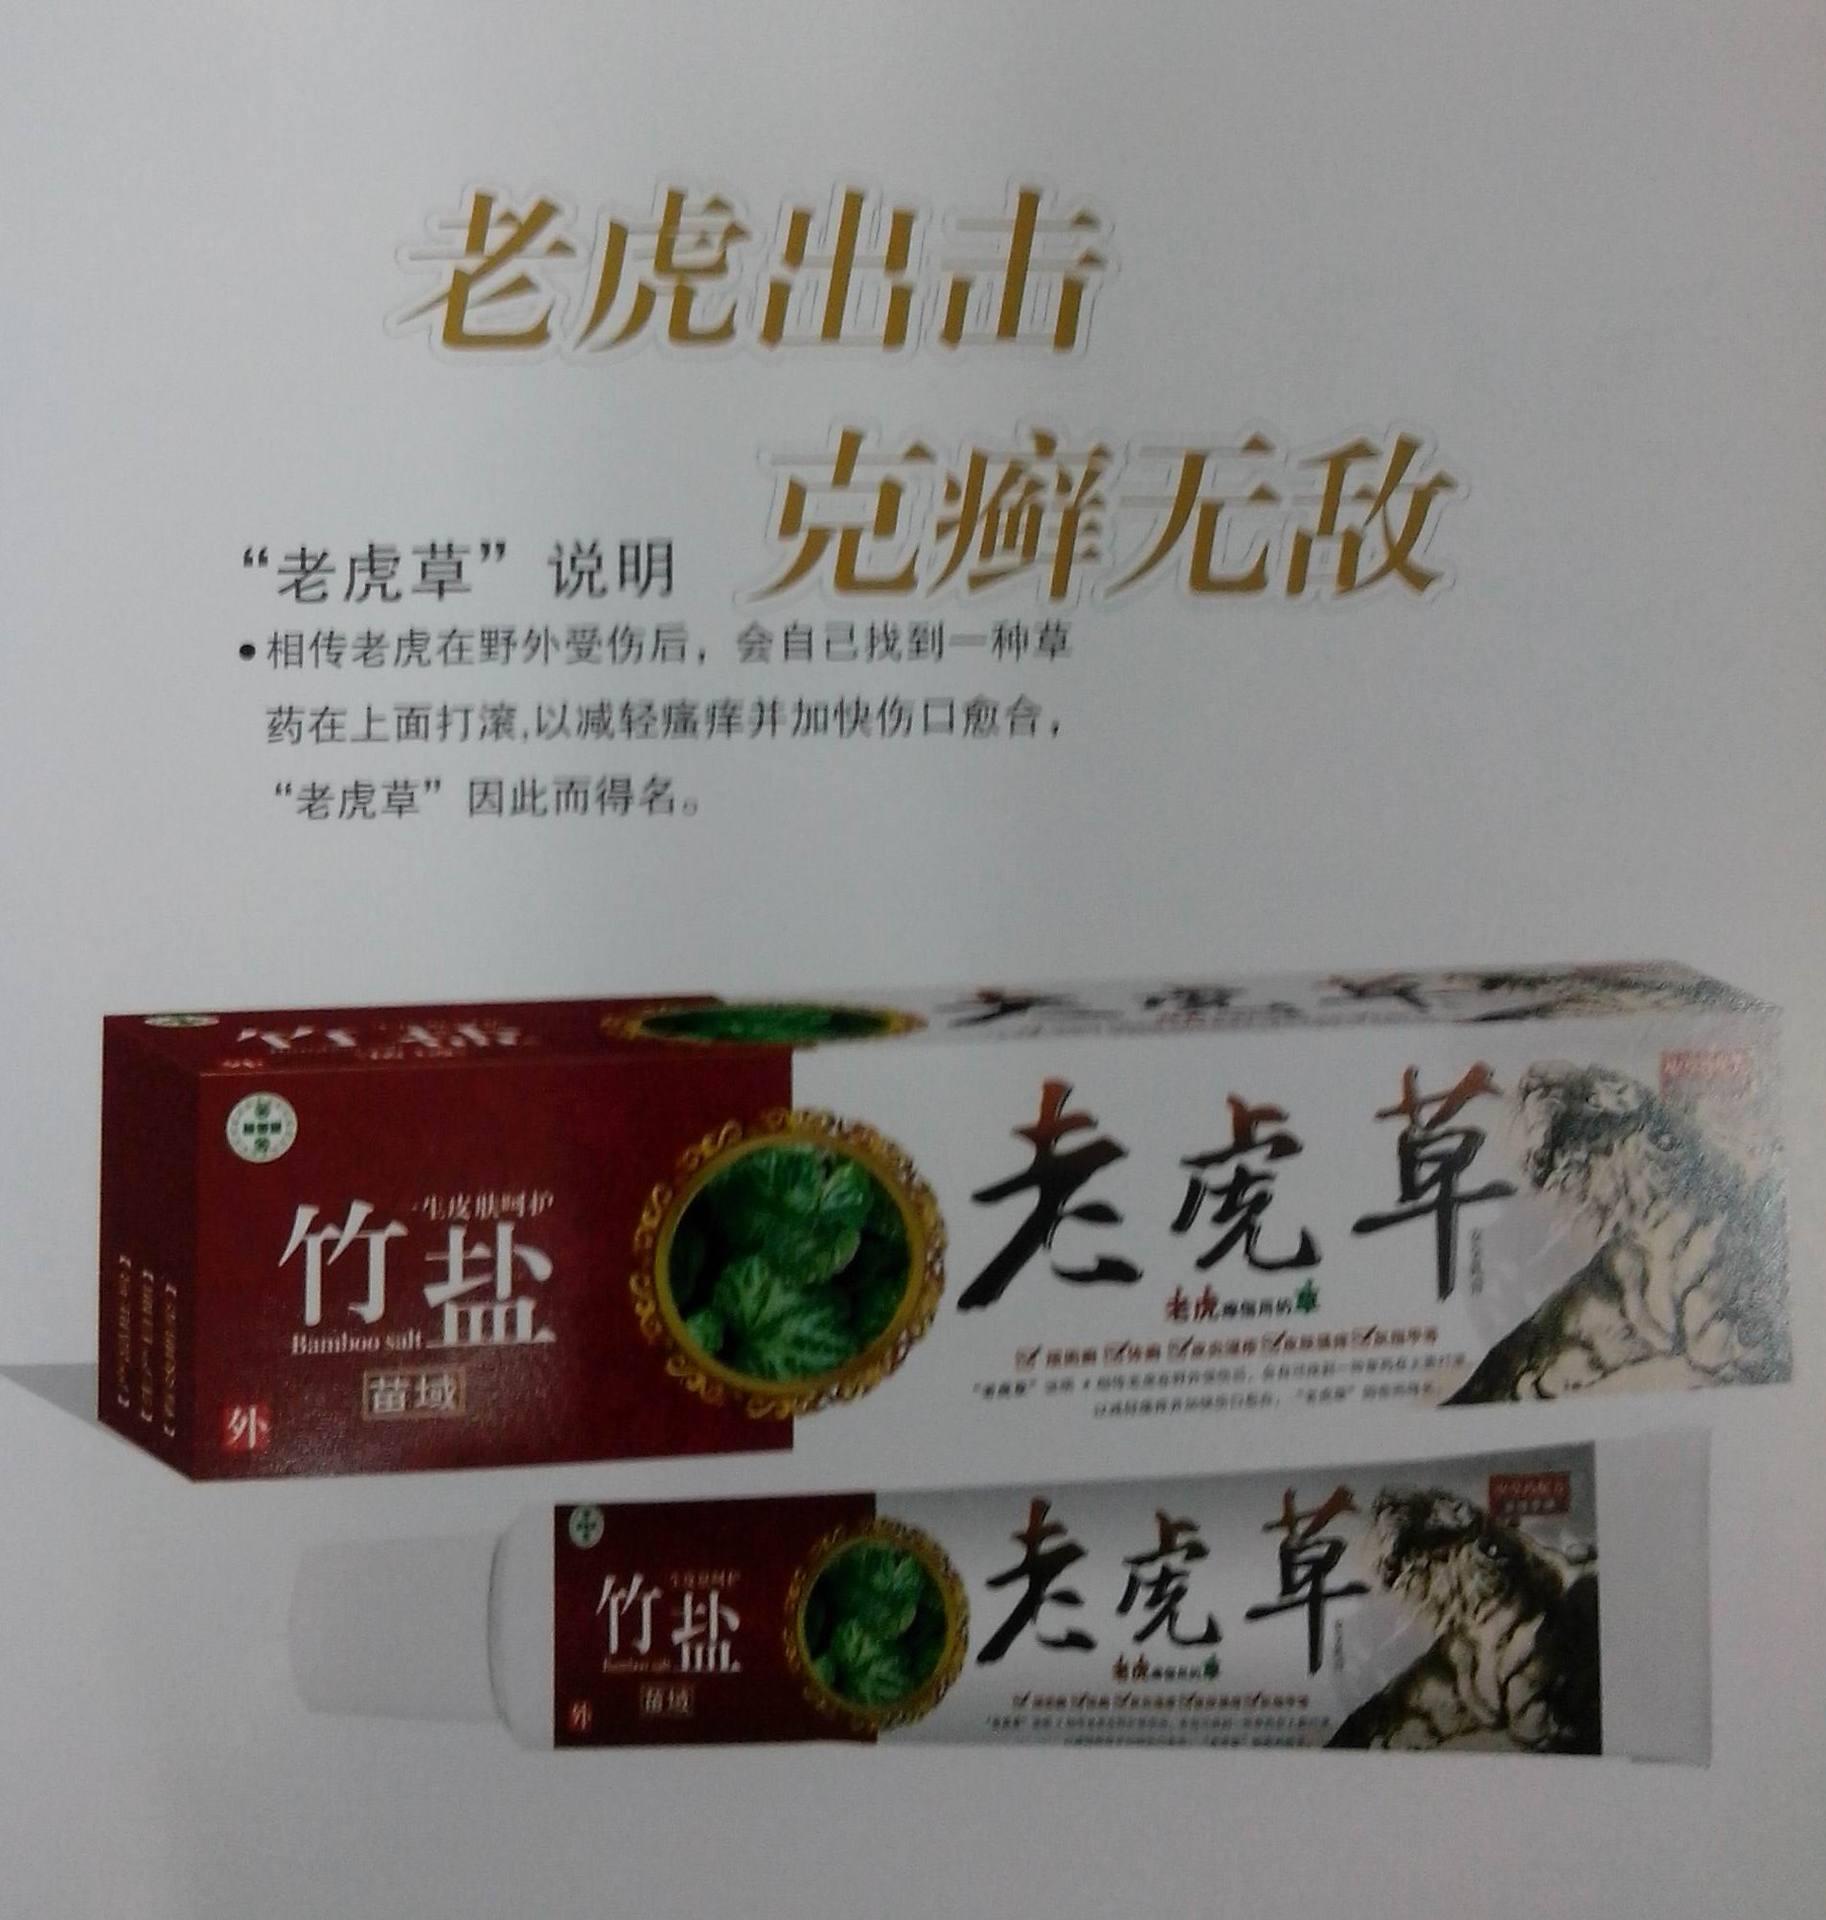 年终特惠供应竹盐【老虎草】安全乳膏混批代发